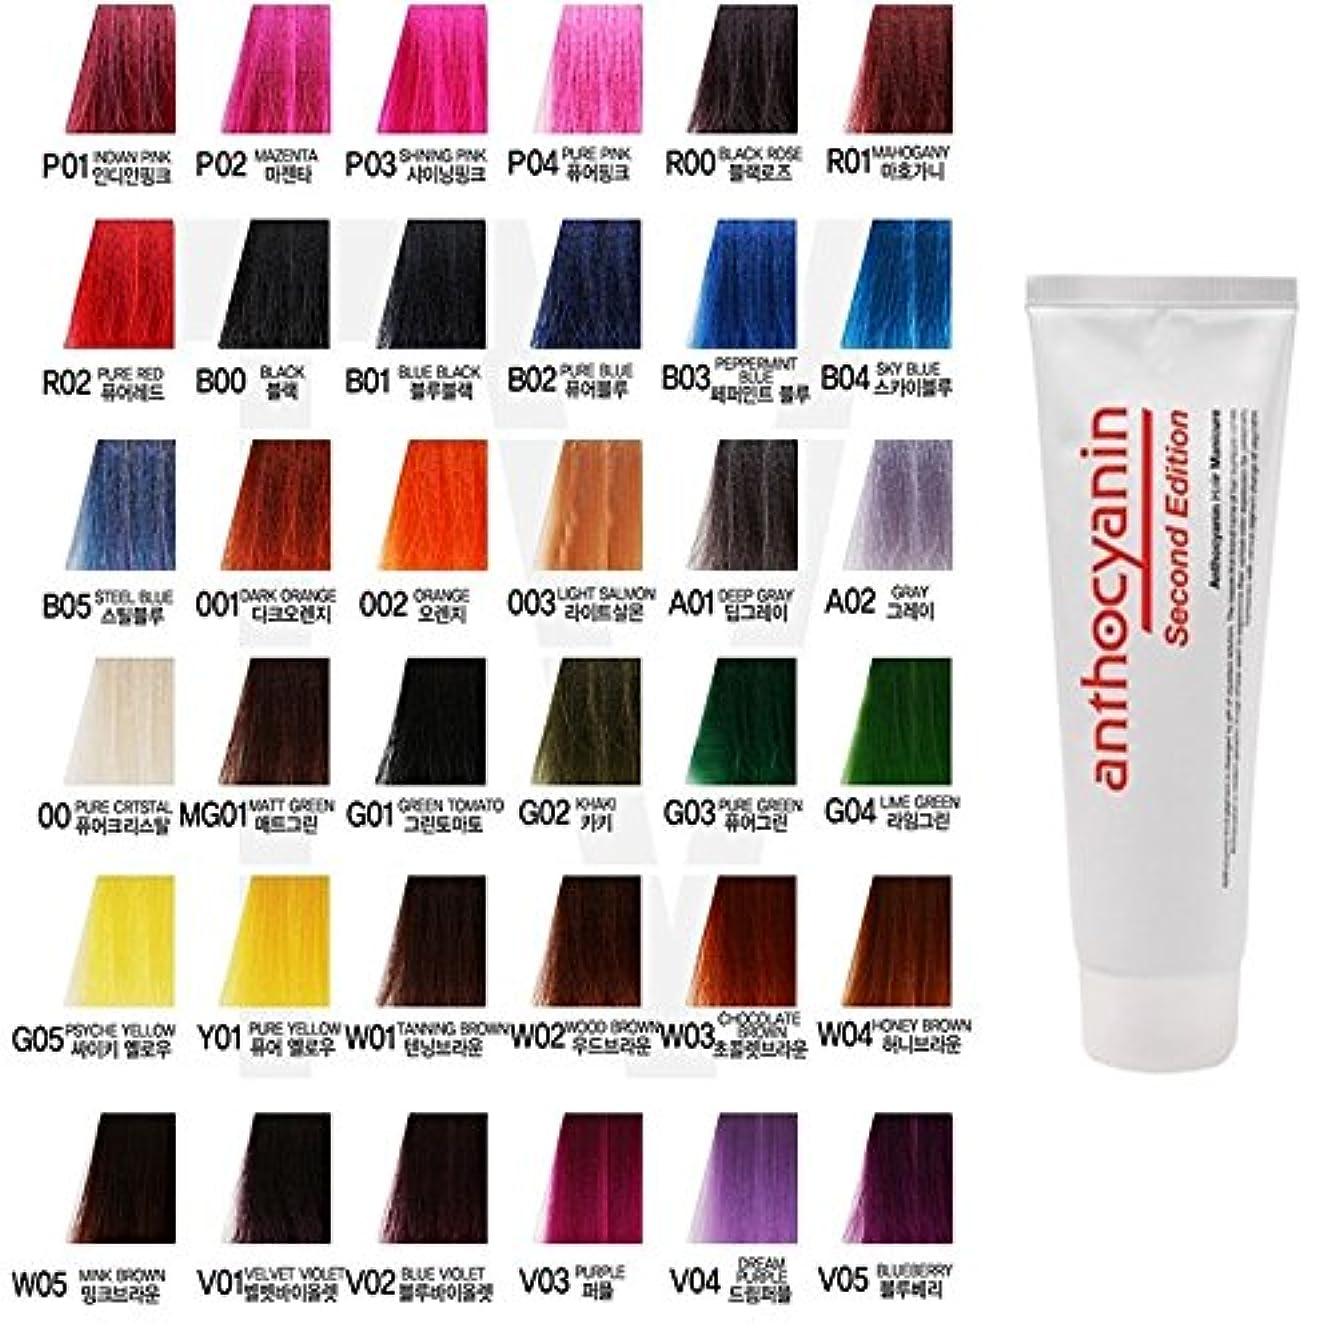 ましいウイルスライフルヘア マニキュア カラー セカンド エディション 230g セミ パーマネント 染毛剤 ( Hair Manicure Color Second Edition 230g Semi Permanent Hair Dye) [並行輸入品] (A01 Deep Gray)